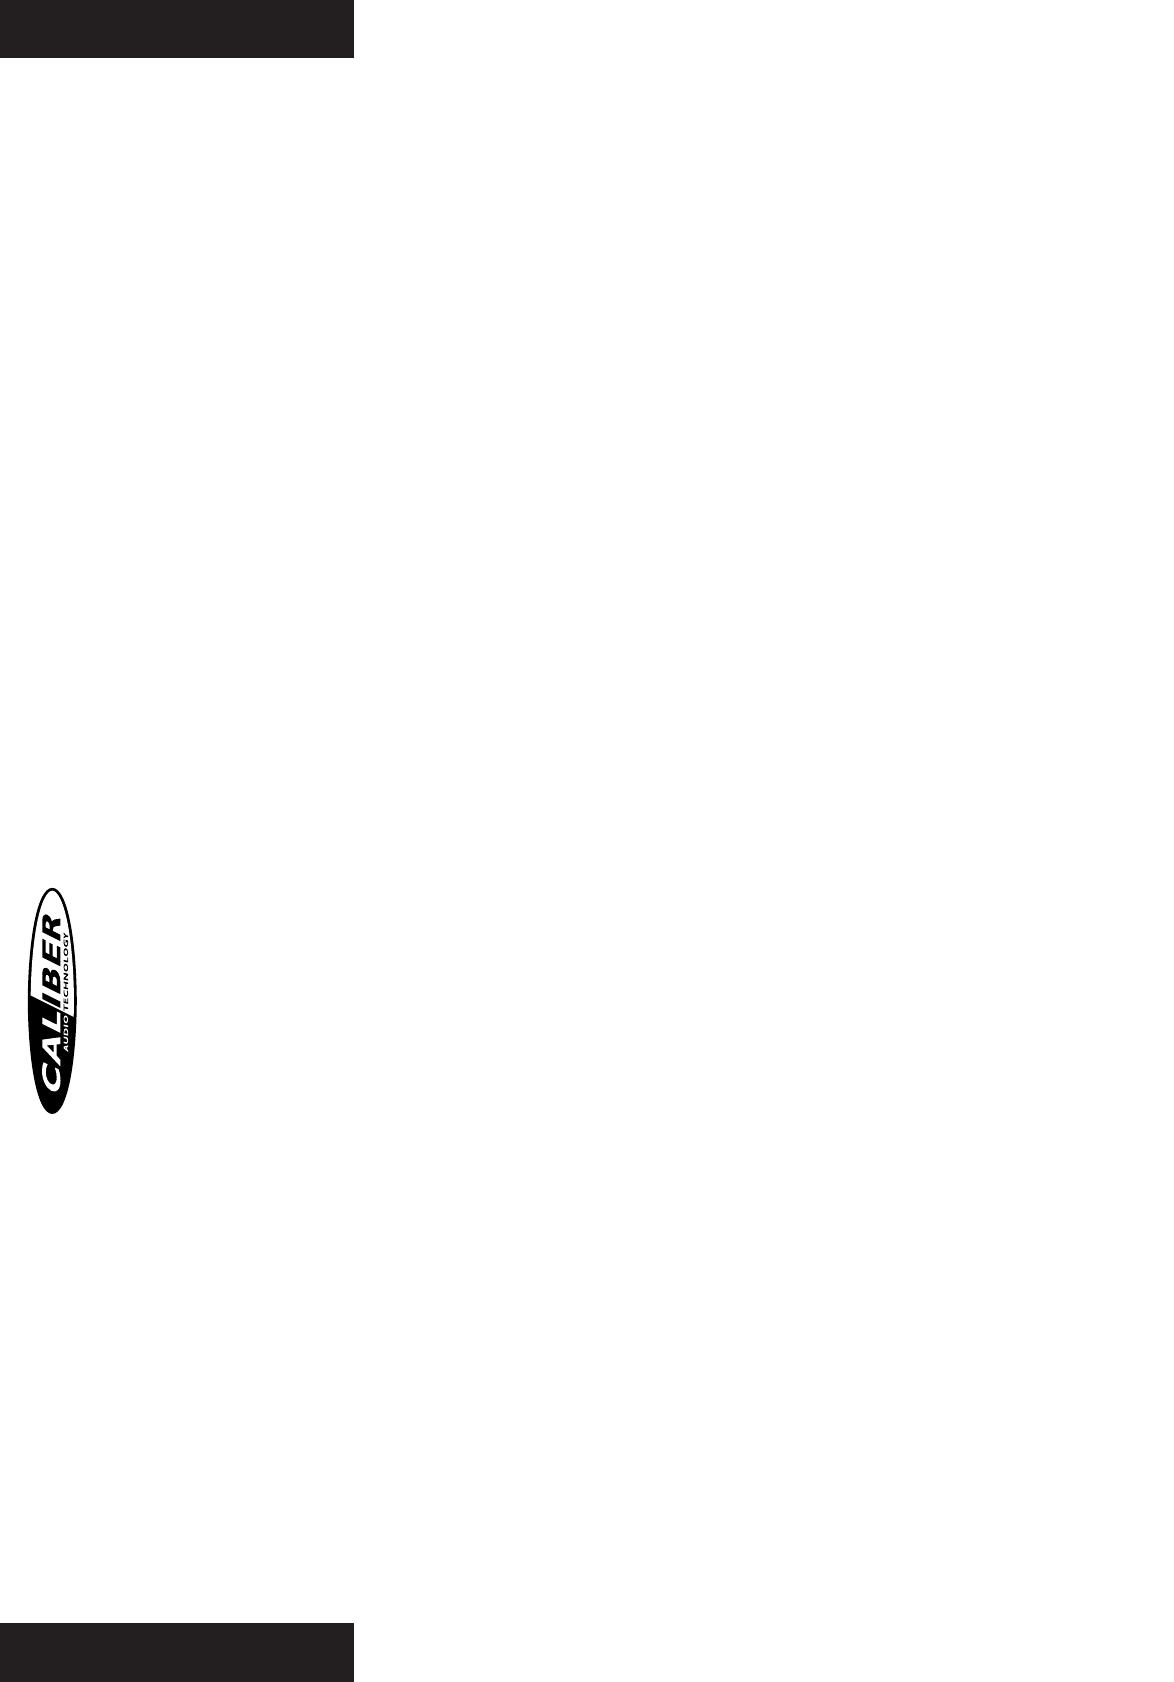 Handleiding Caliber ca 2360 rally (pagina 2 van 12) (Deutsch ...